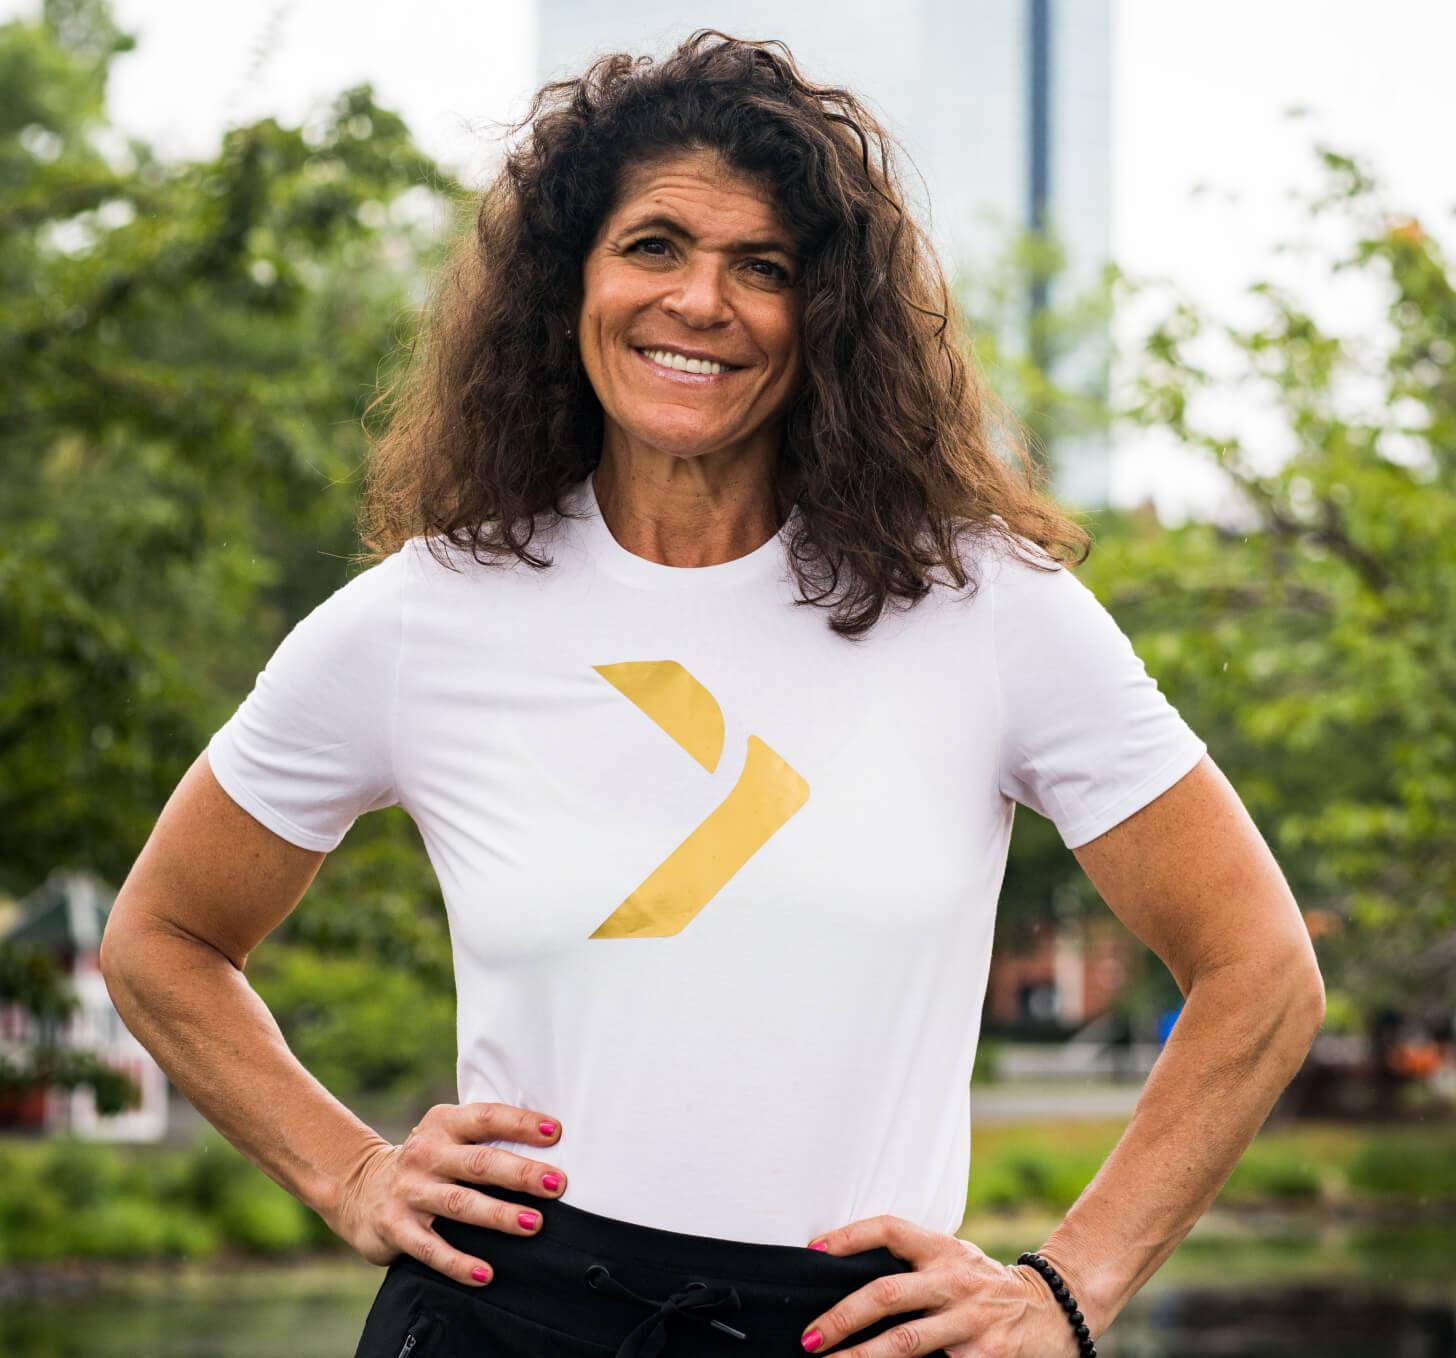 iFIT Guide Dr. Eva Selhub